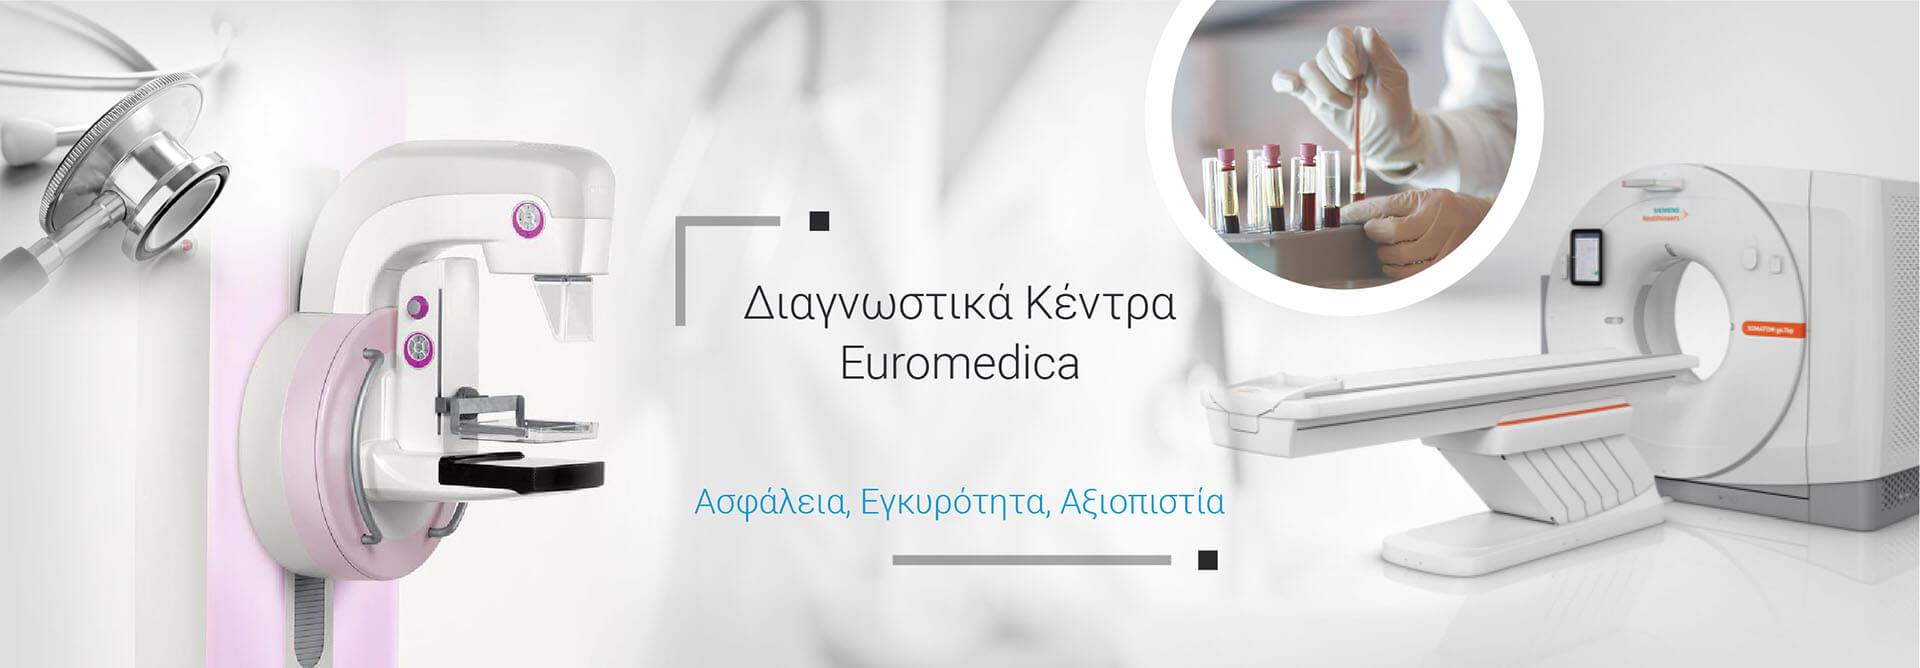 Διαγνωστικά κέντρα Εuromedica